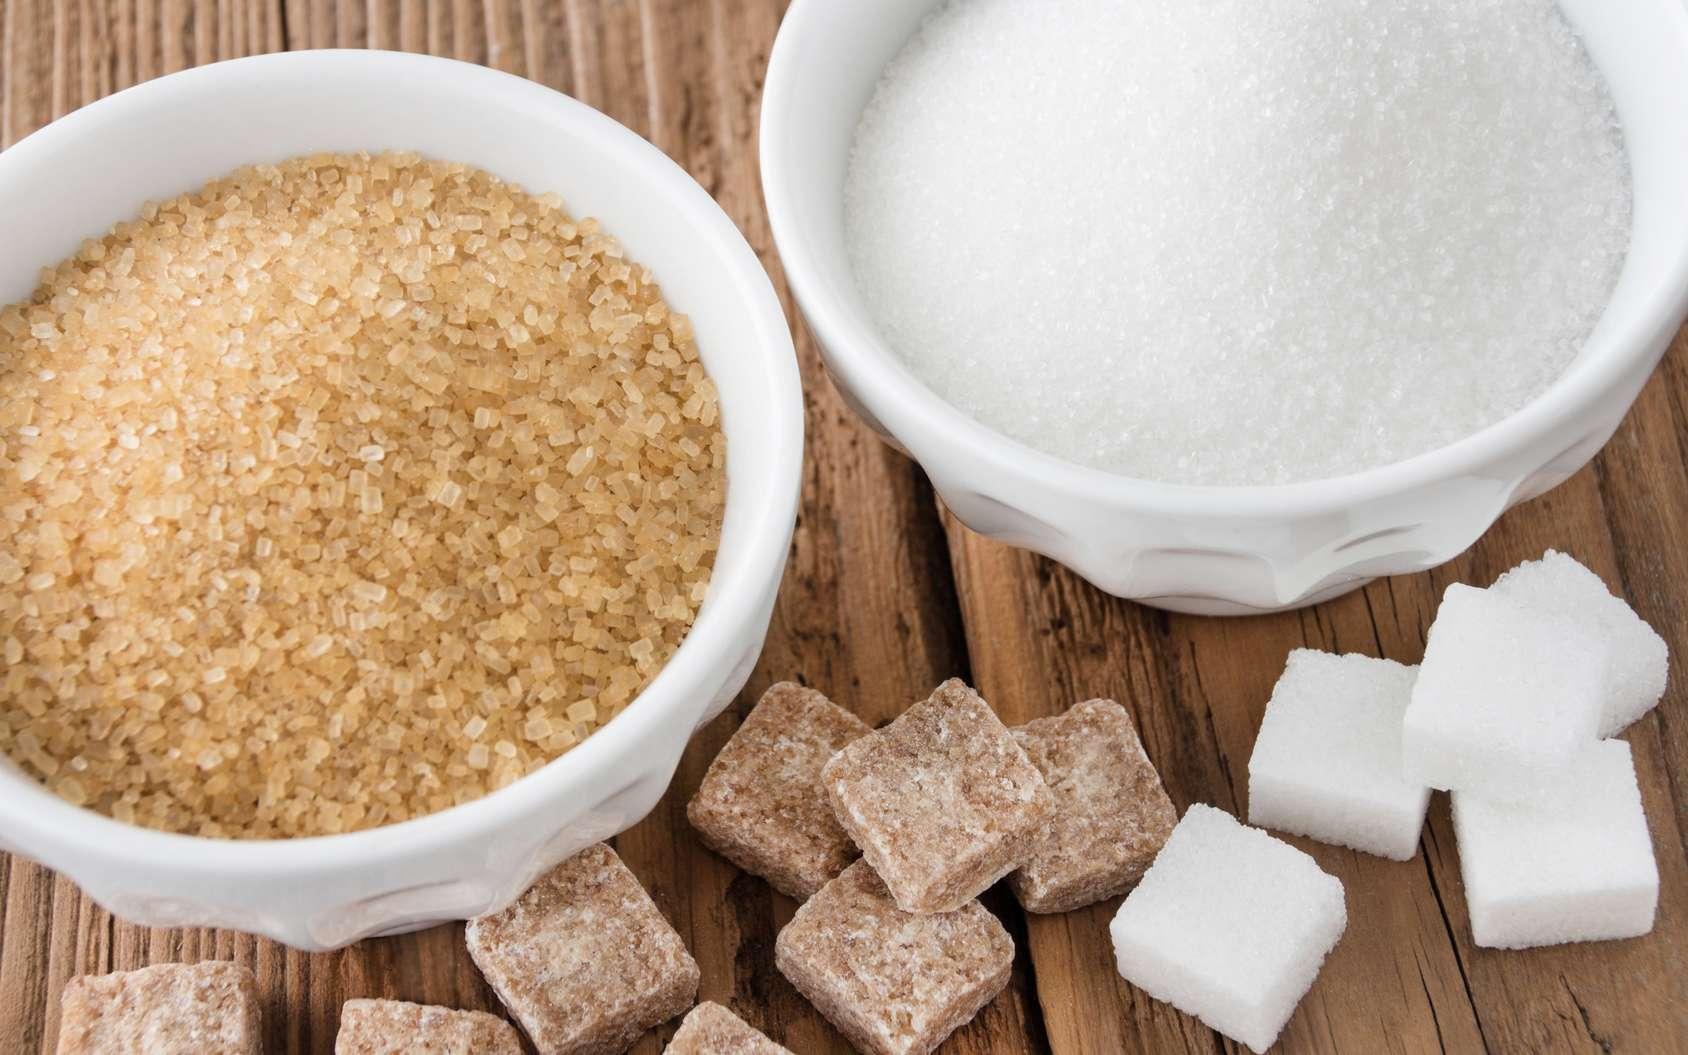 Le sucre roux est essentiellement produit à partir de la canne. Le sucre blanc, quant à lui, est issu de la betterave. © PhotoSG, fotolia